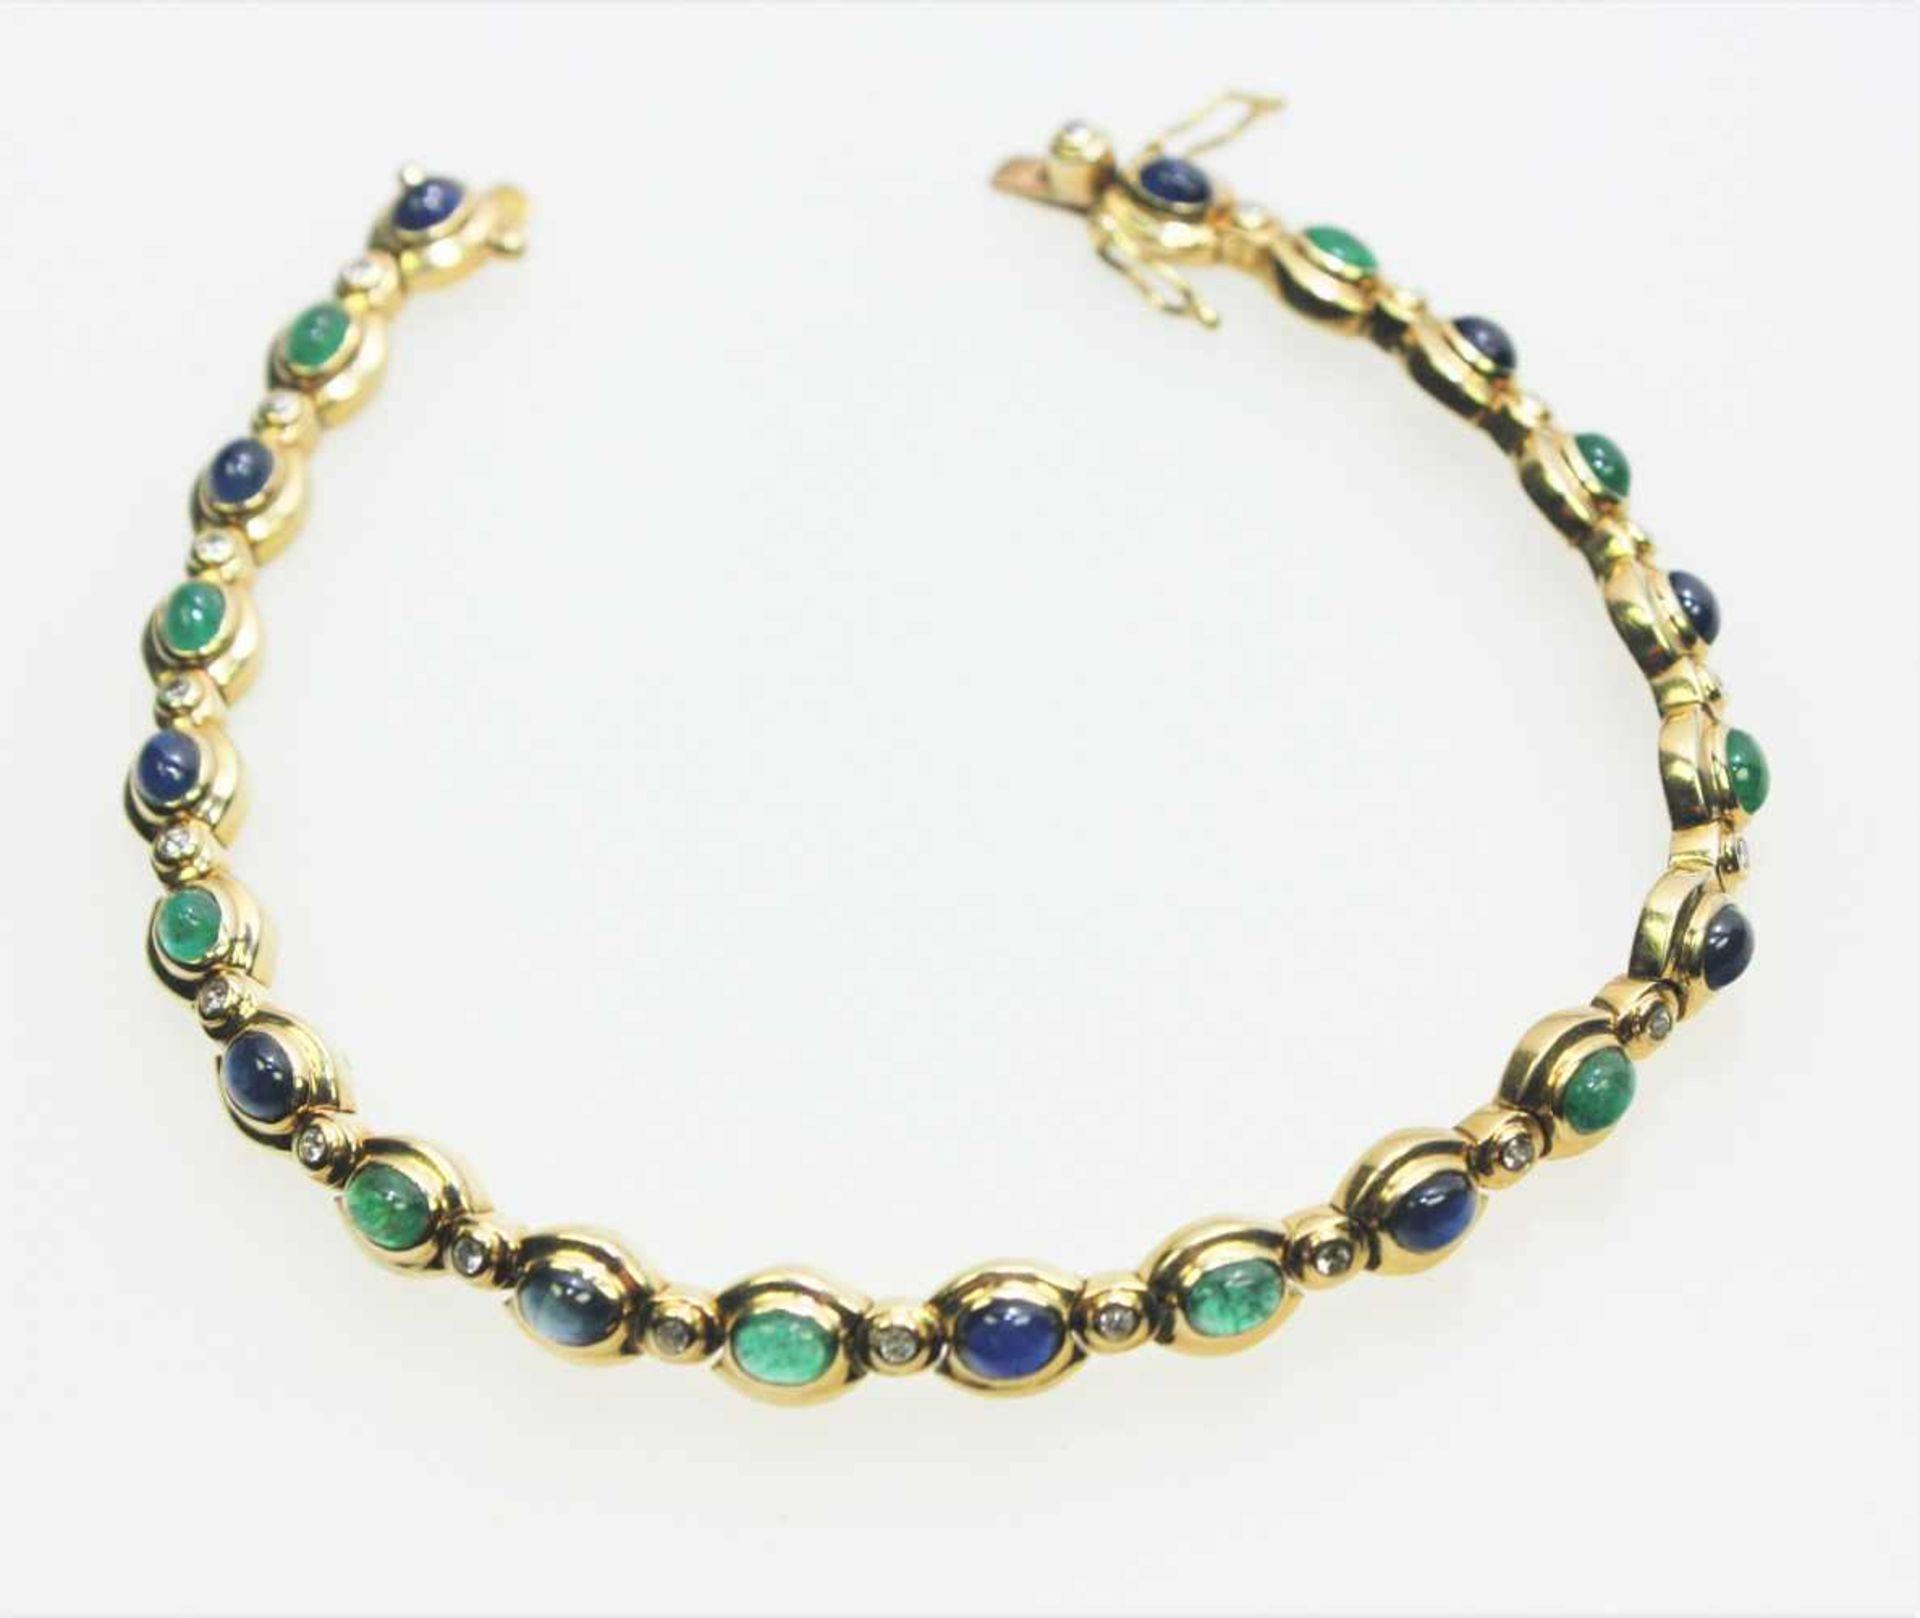 Los 14 - Zierliches, goldenes Gliederarmband 18 K gest., abwechselnd ausgefasst mit kleinen Saphir- und